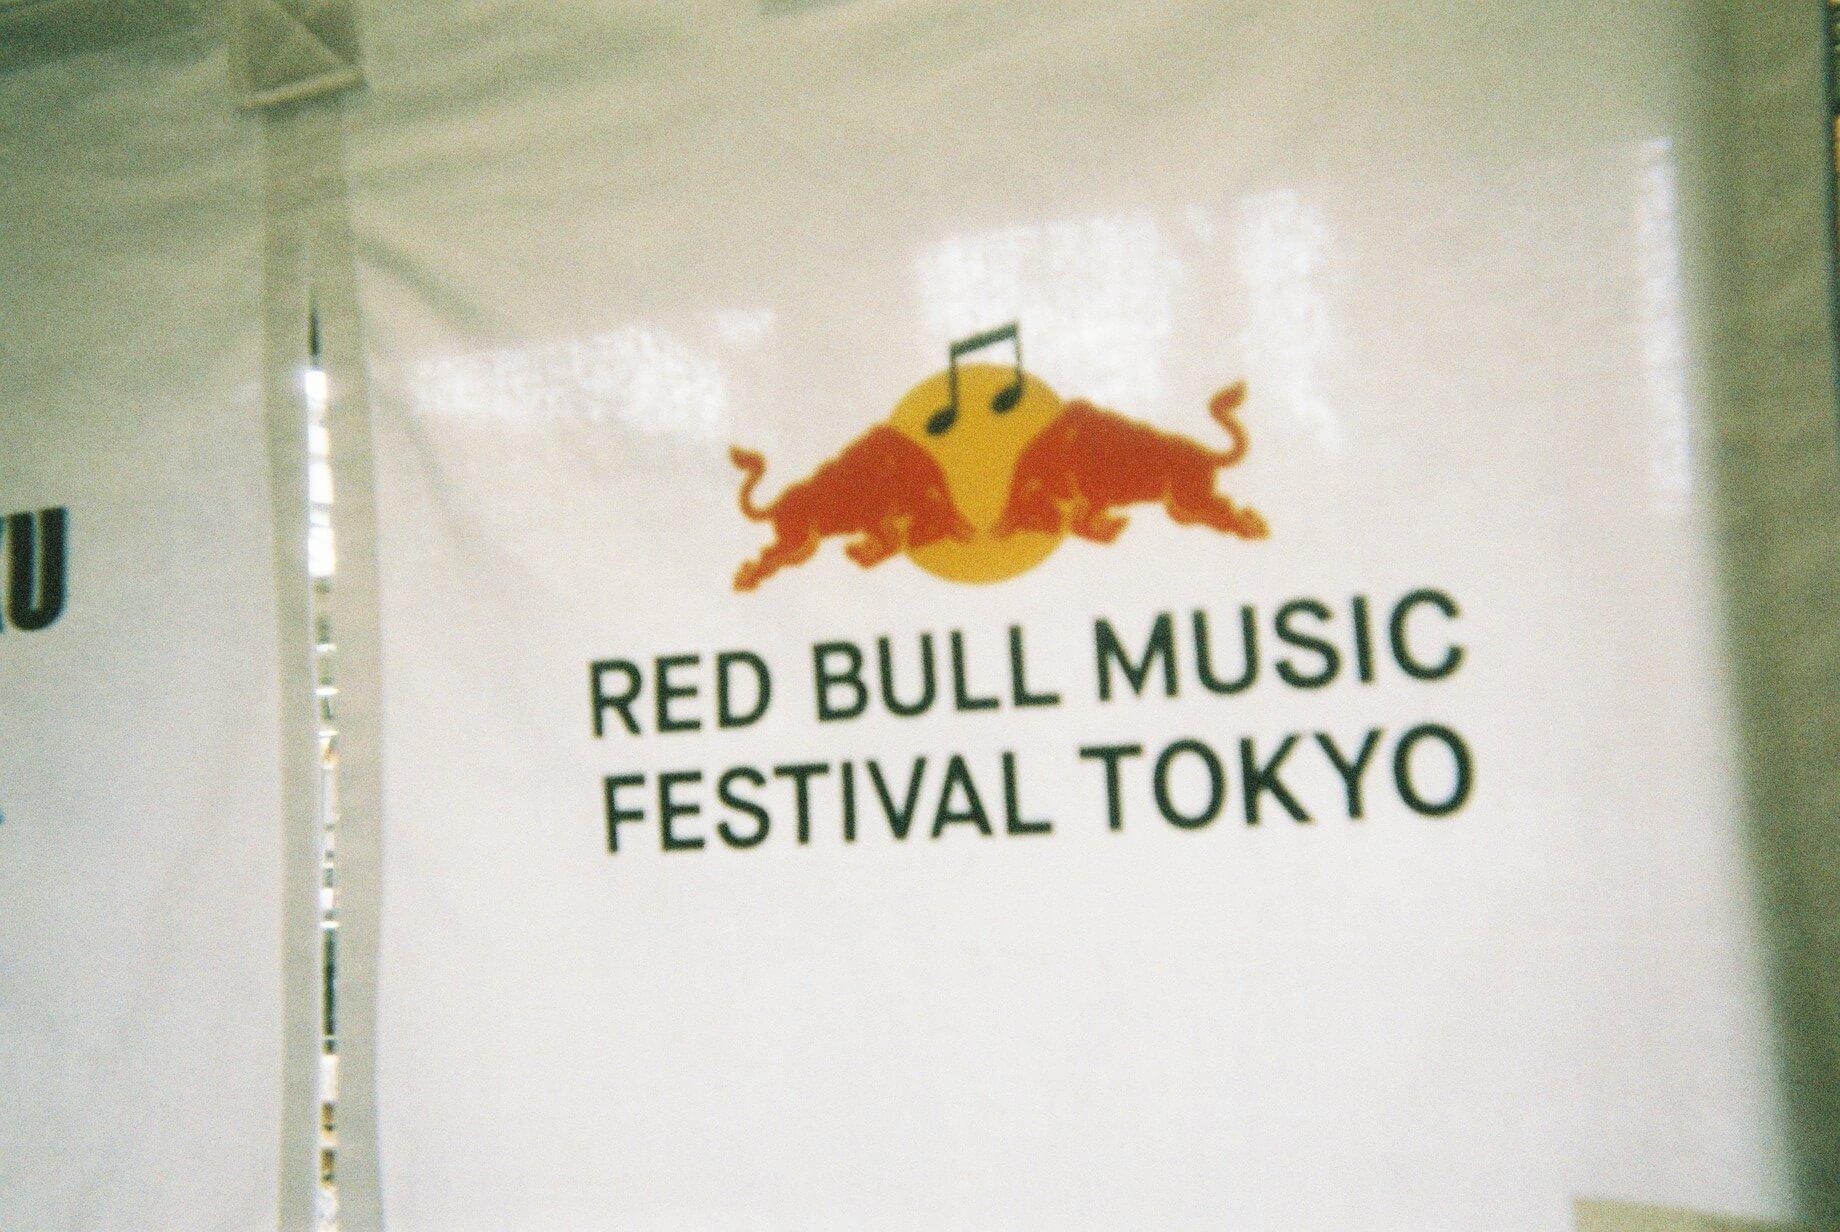 【フォトレポ】RED BULL MUSIC FESTIVAL TOKYO 2018|62 MINUTES YAMANOTE LOOP music180921-redbullmusicfestival-10